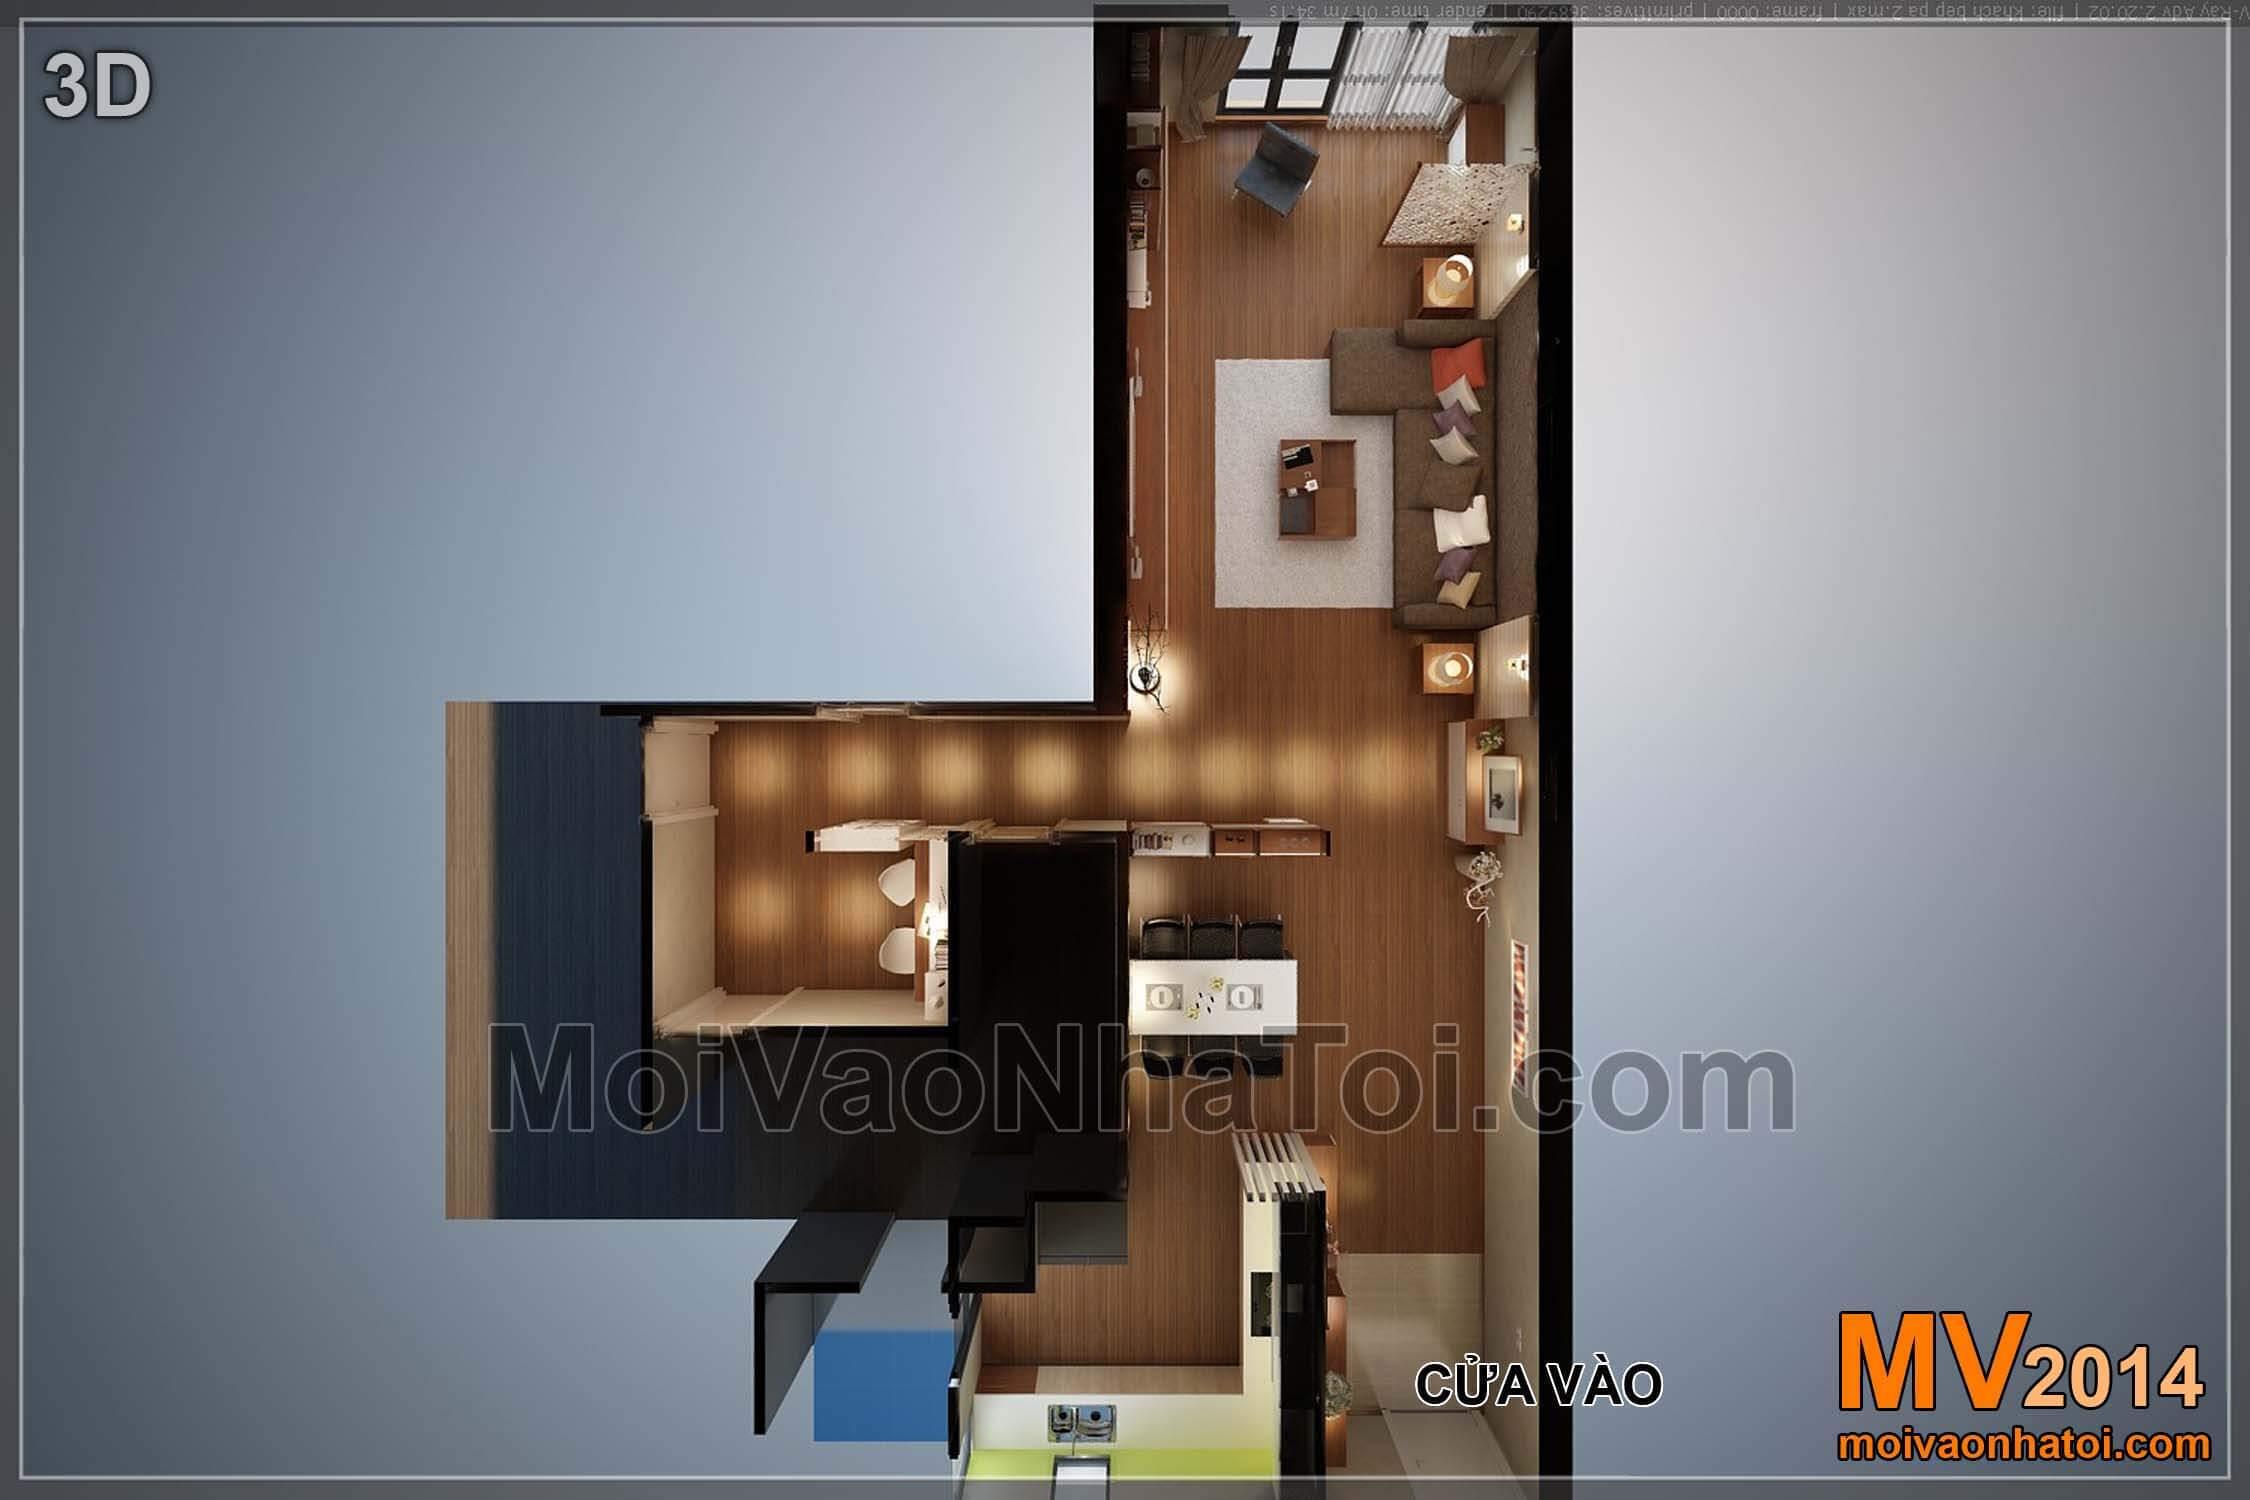 Mặt bằng phối cảnh 3D phòng khách bếp nhìn từ trên xuống